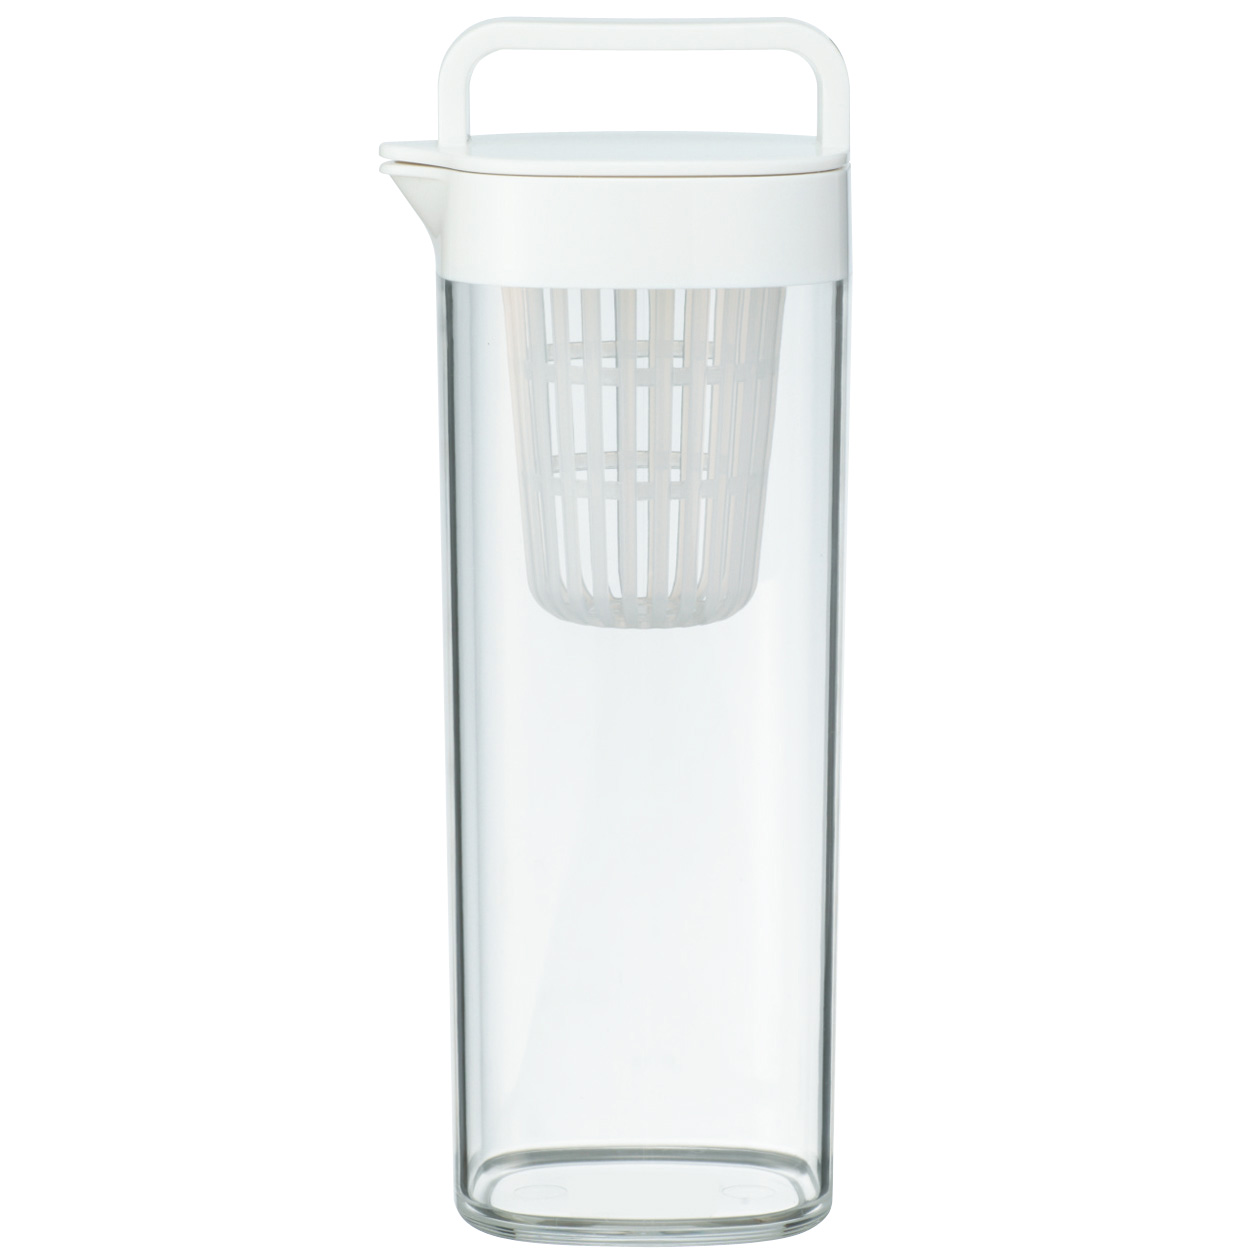 アクリル冷水筒・ドアポケットタイプ